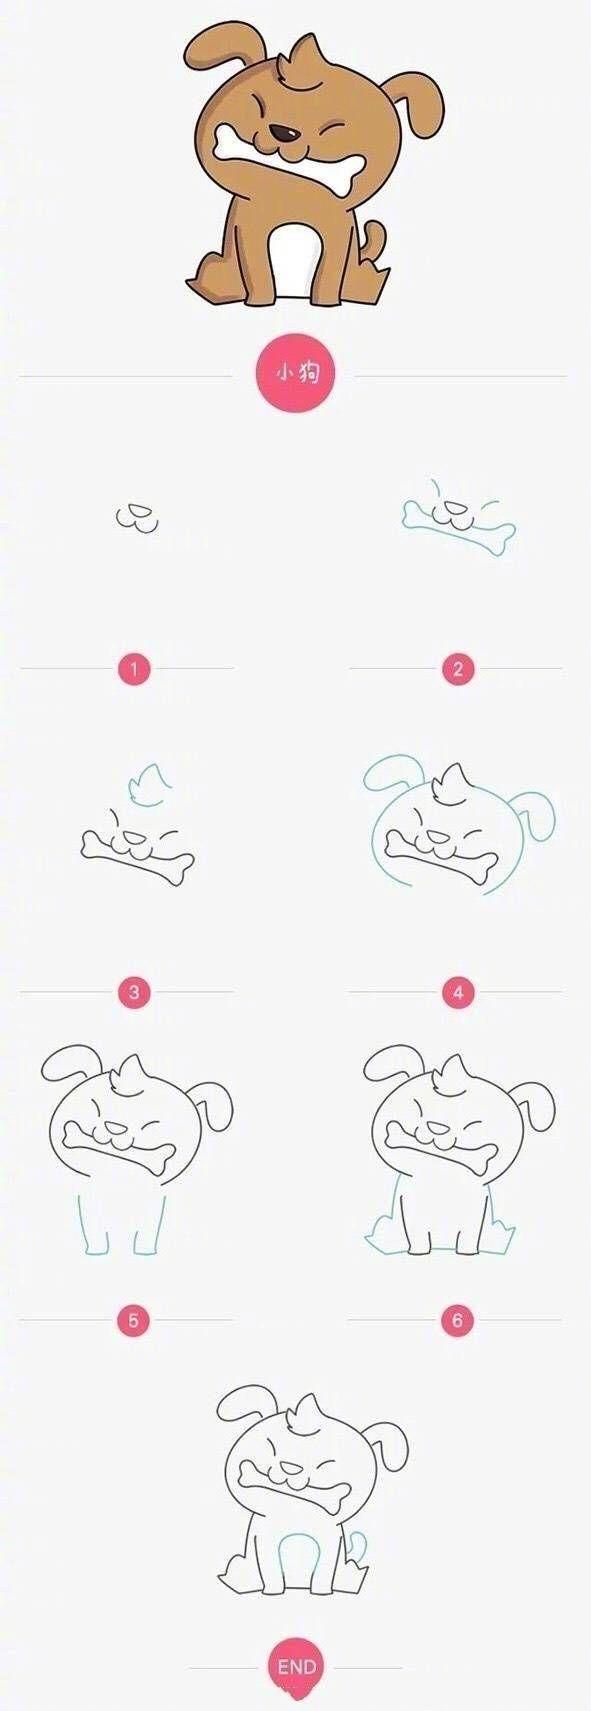 又一波可爱小动物简笔画,一定有你喜欢的,无聊时和孩子一起画画